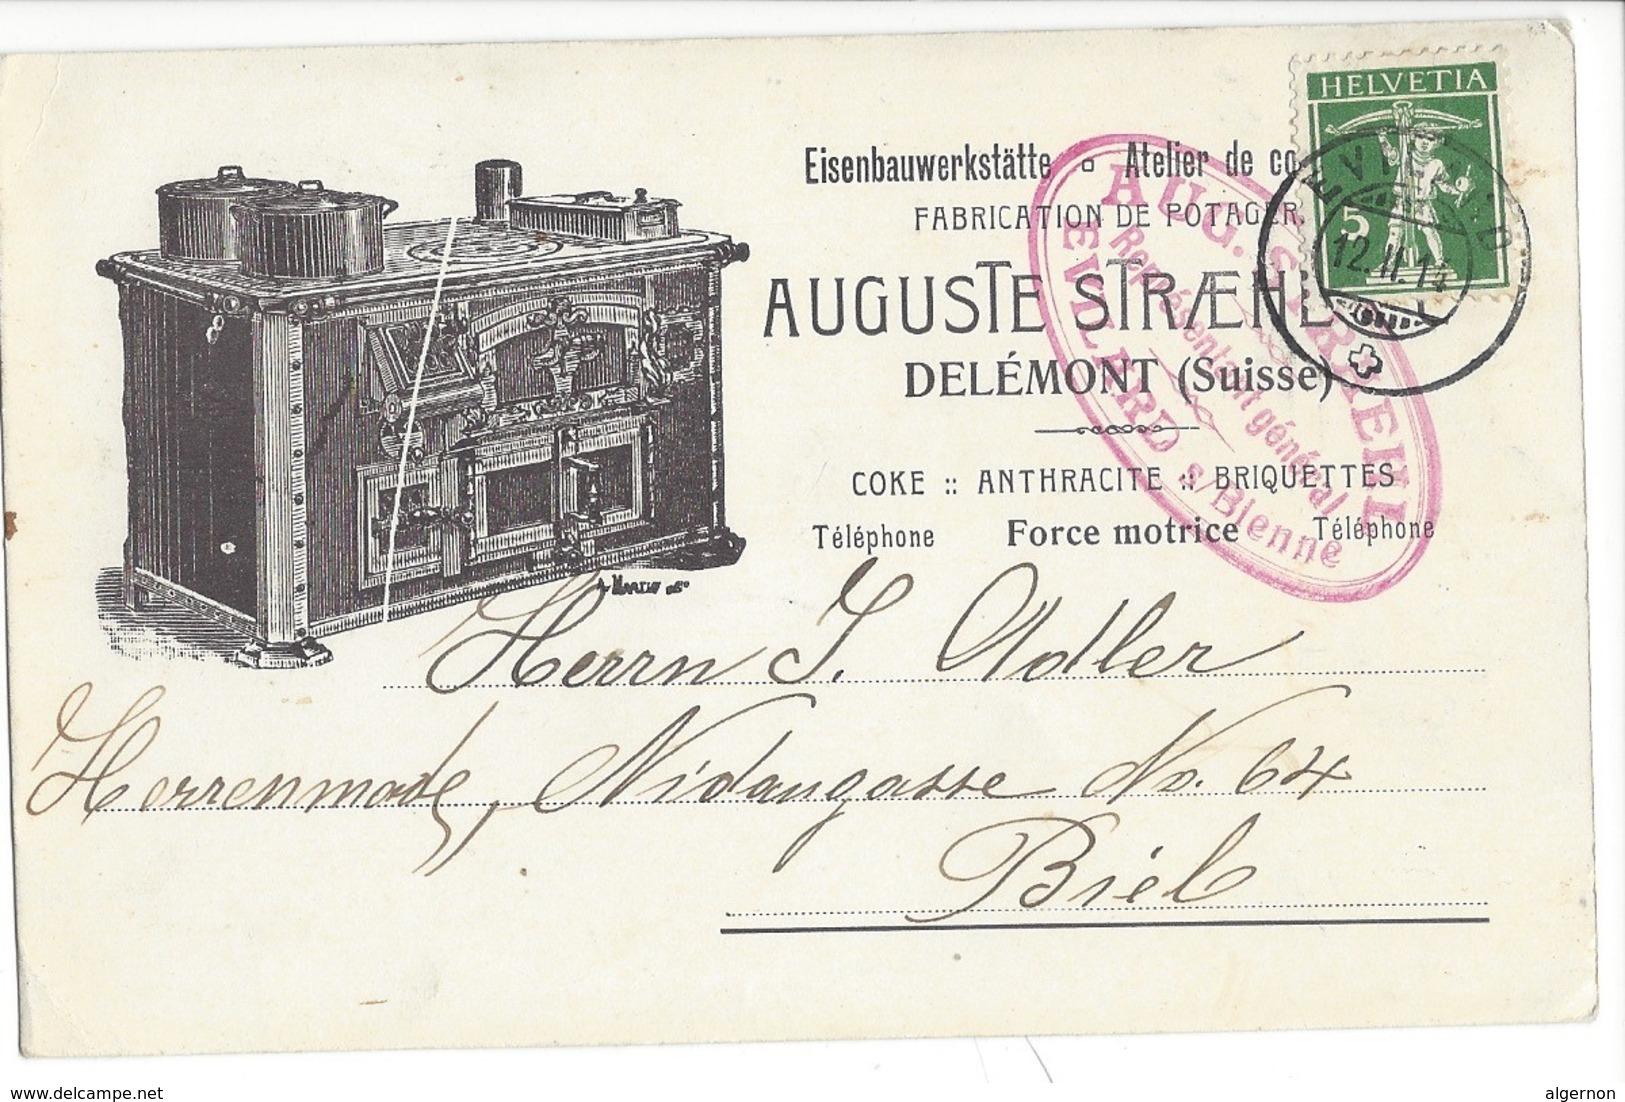 22032 - Delémont Fabrication De Potager Auguste Straehl 1914 - JU Jura